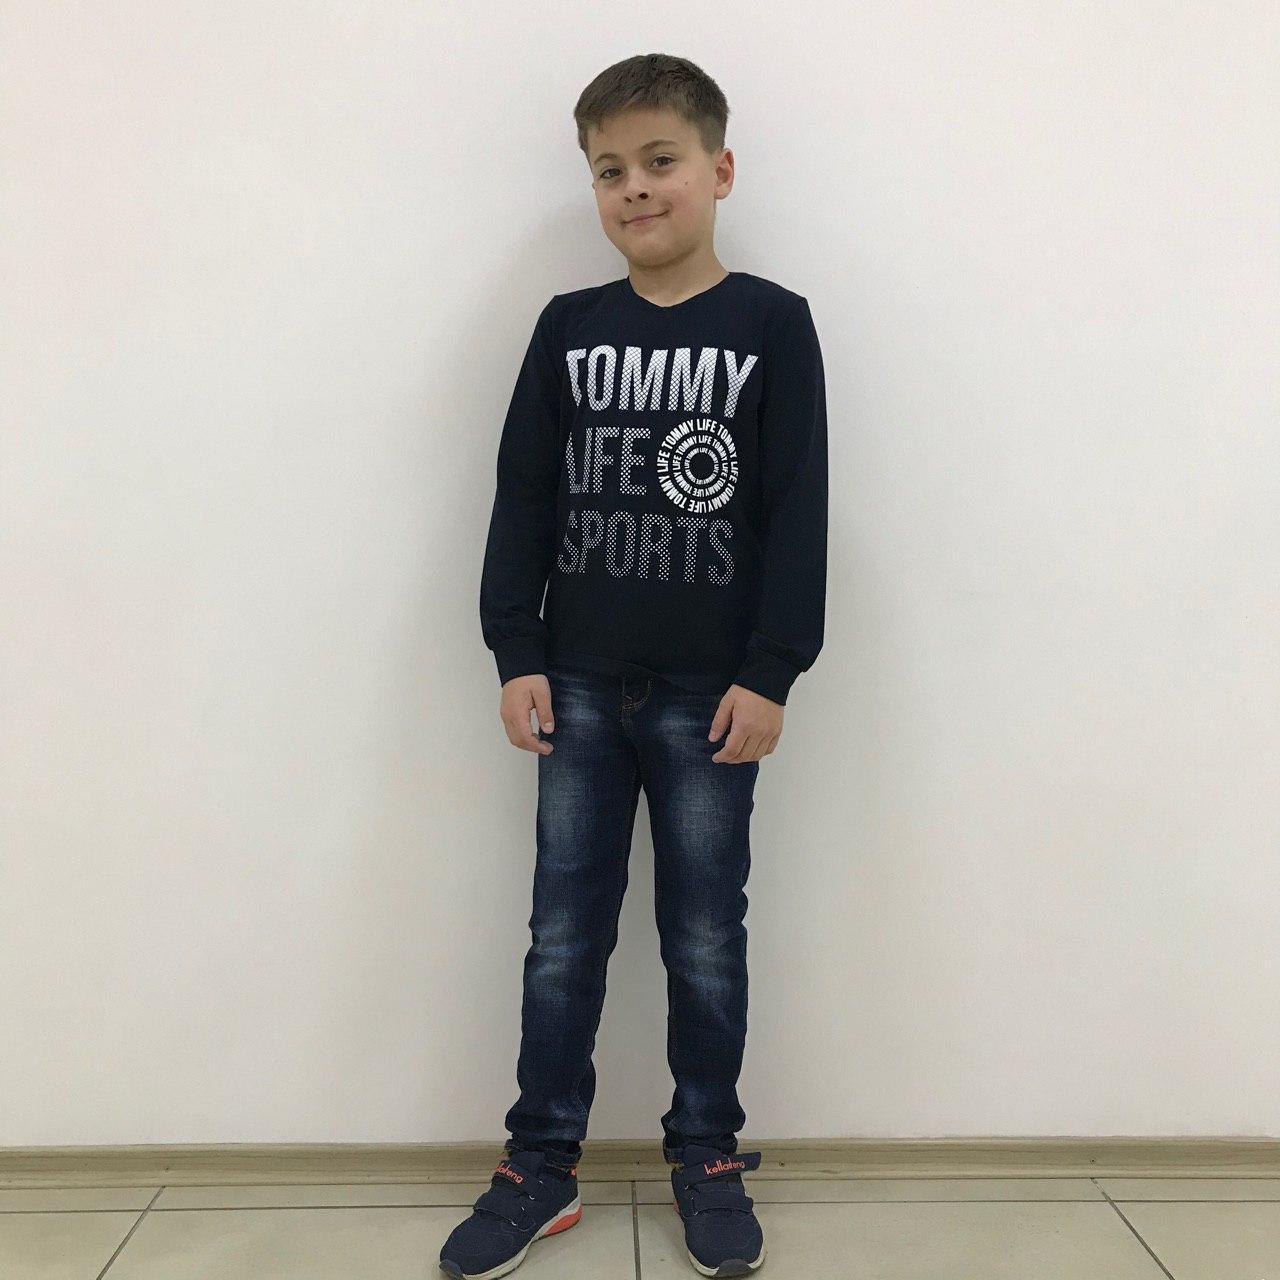 Детский реглан (футболка с длинным рукавом) Tommy Life